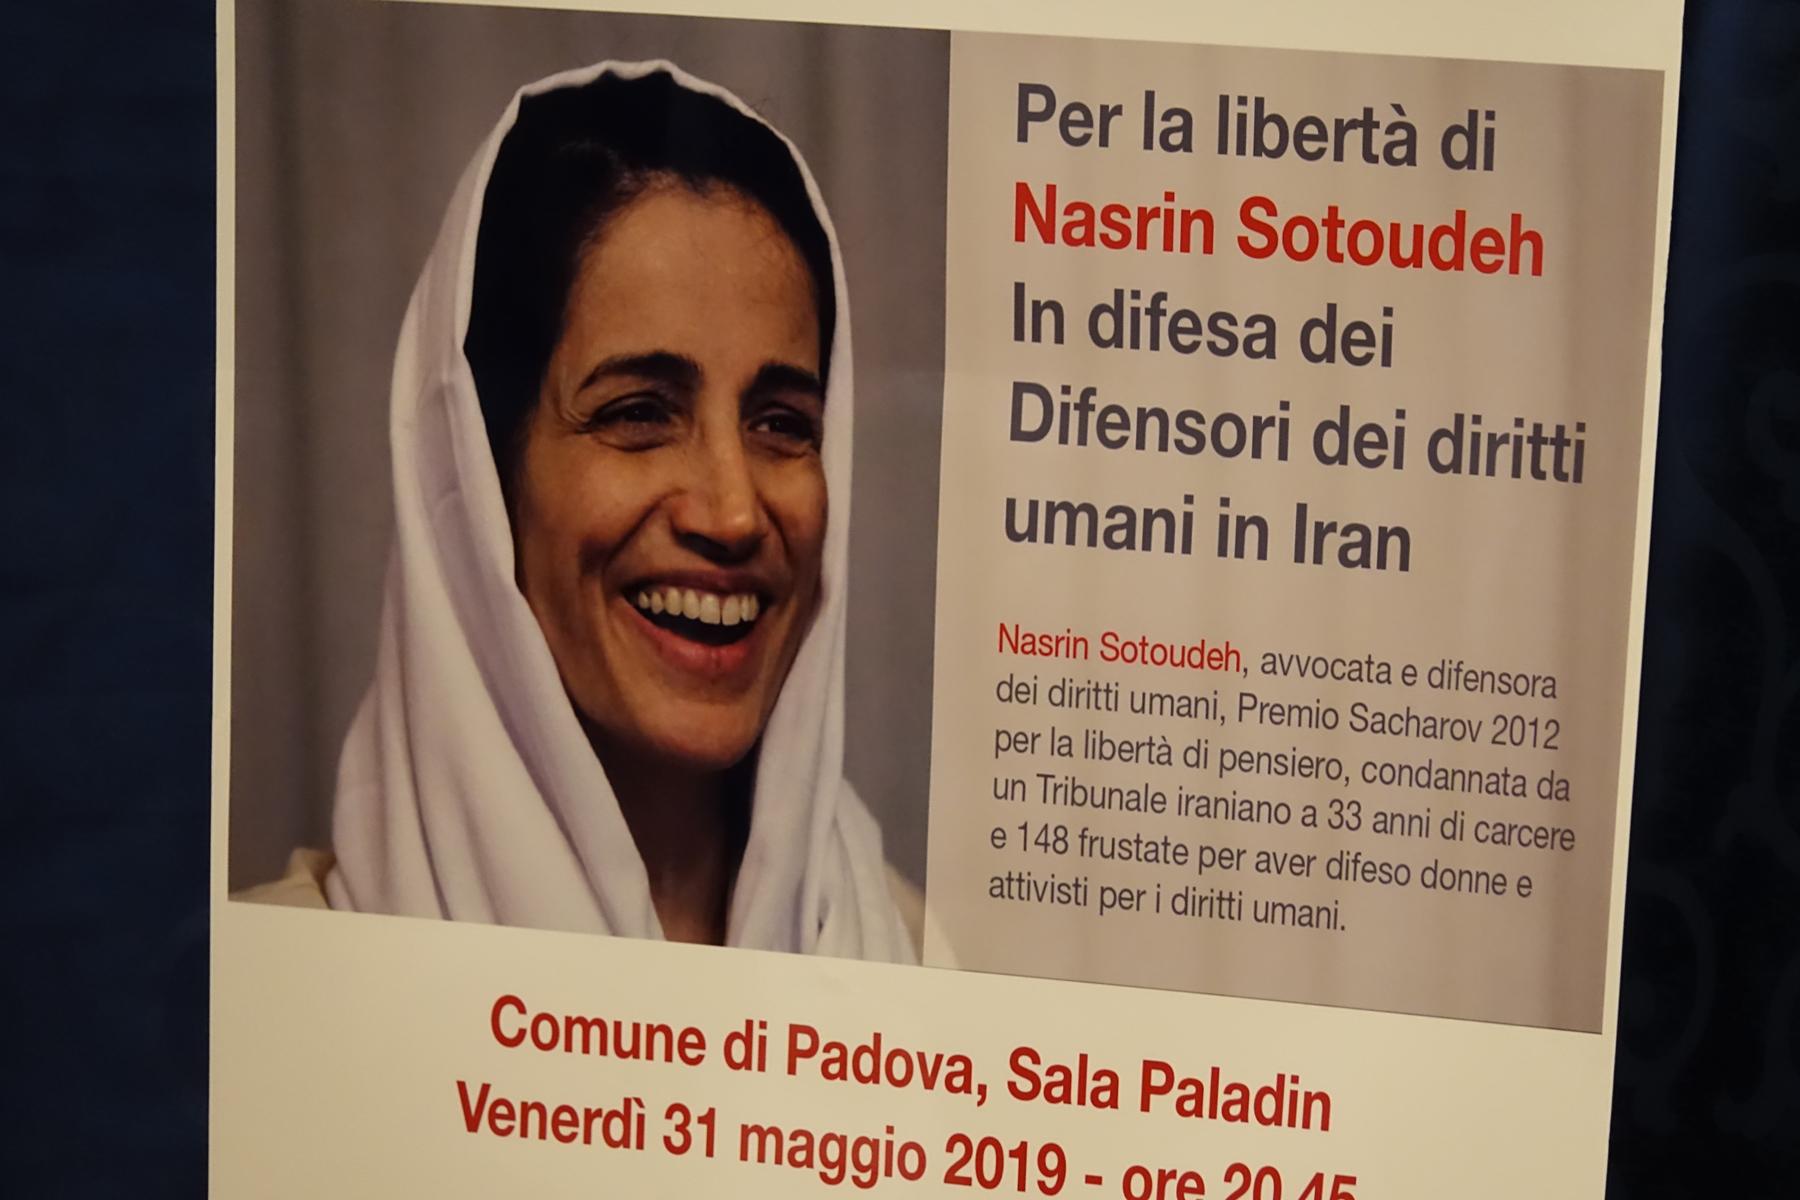 , Per la libertà di Nasrin Sotoudeh. In difesa dei Difensori dei diritti umani in Iran, Comune di Padova, Sala Paladin, Venerdì 31 maggio 2019